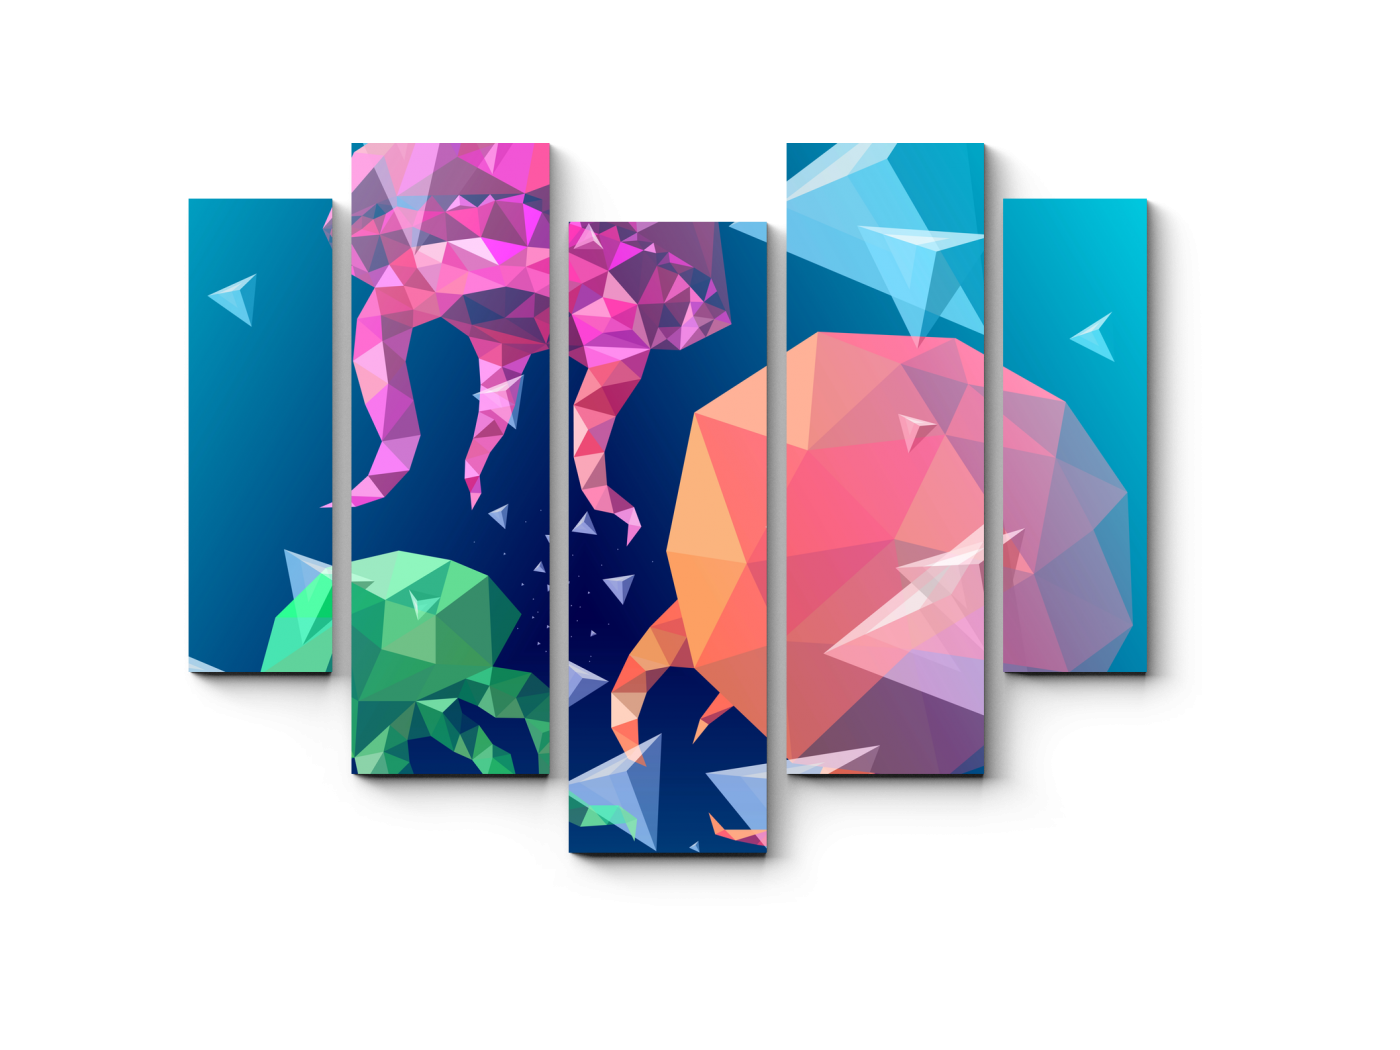 Модульная картина Графические медузы (101x82) фото